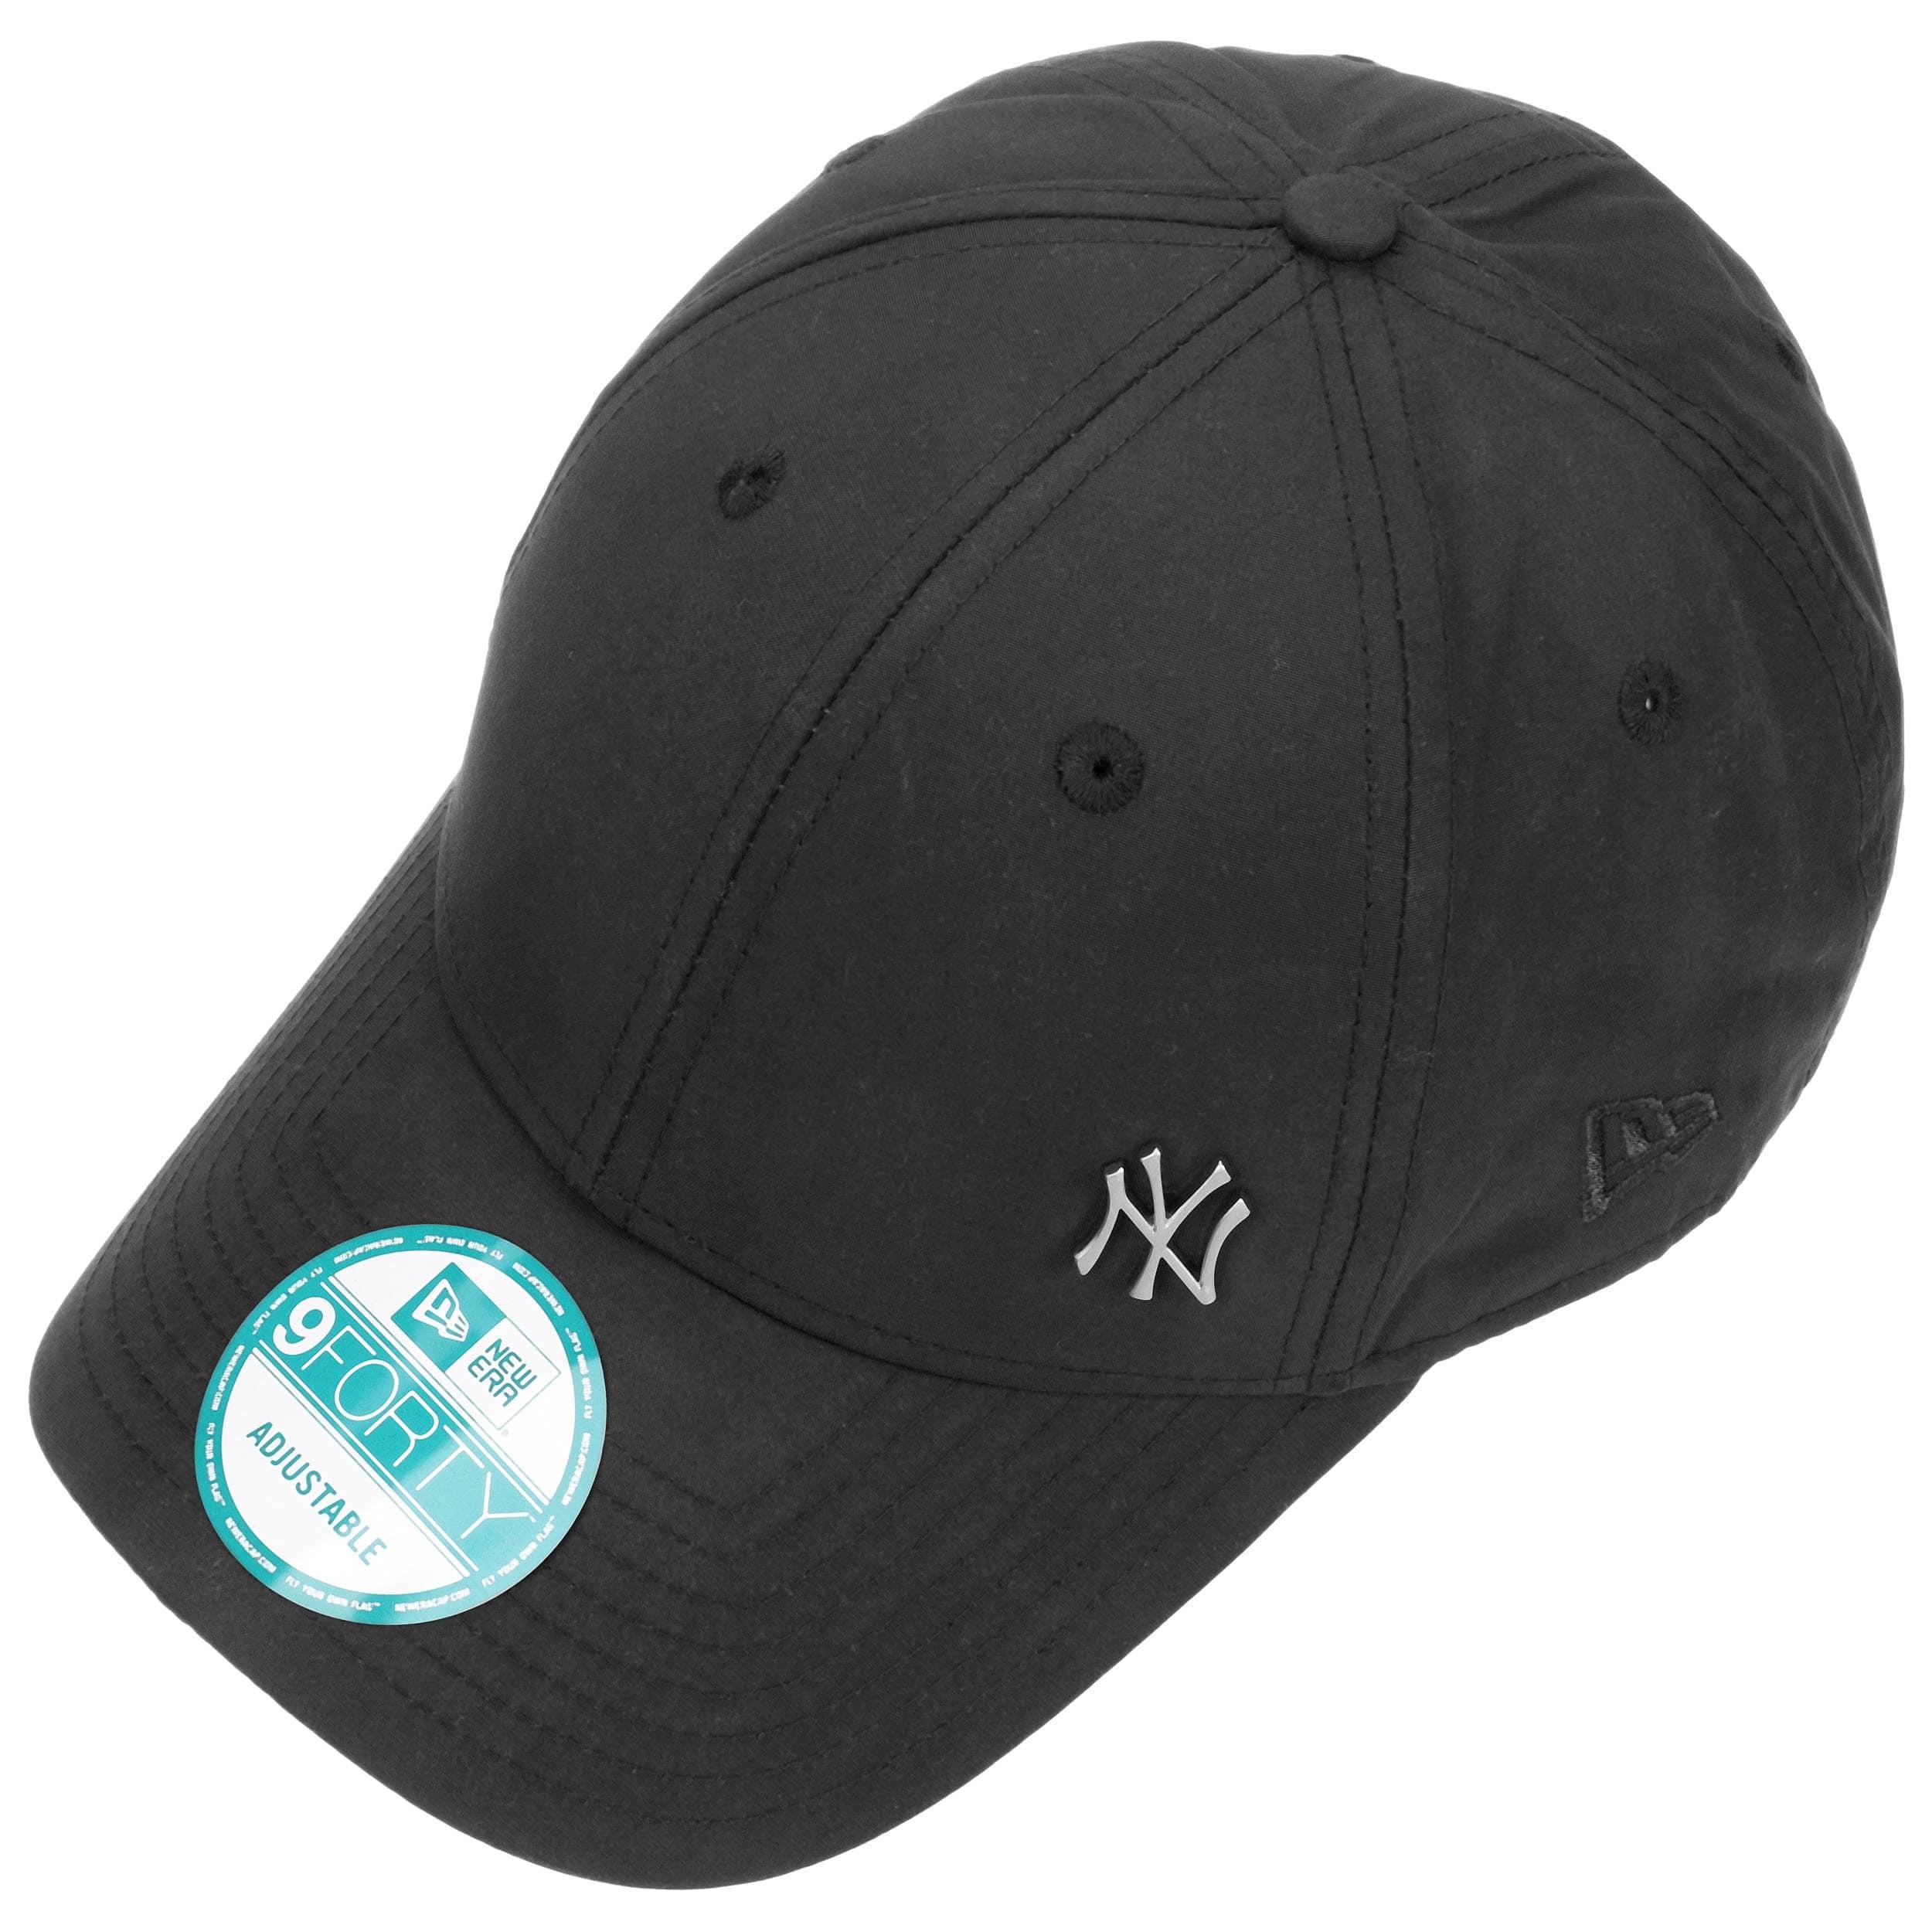 marchi riconosciuti buono sconto più basso Cappellino 9Forty NY Strapback by New Era - 19,95 €